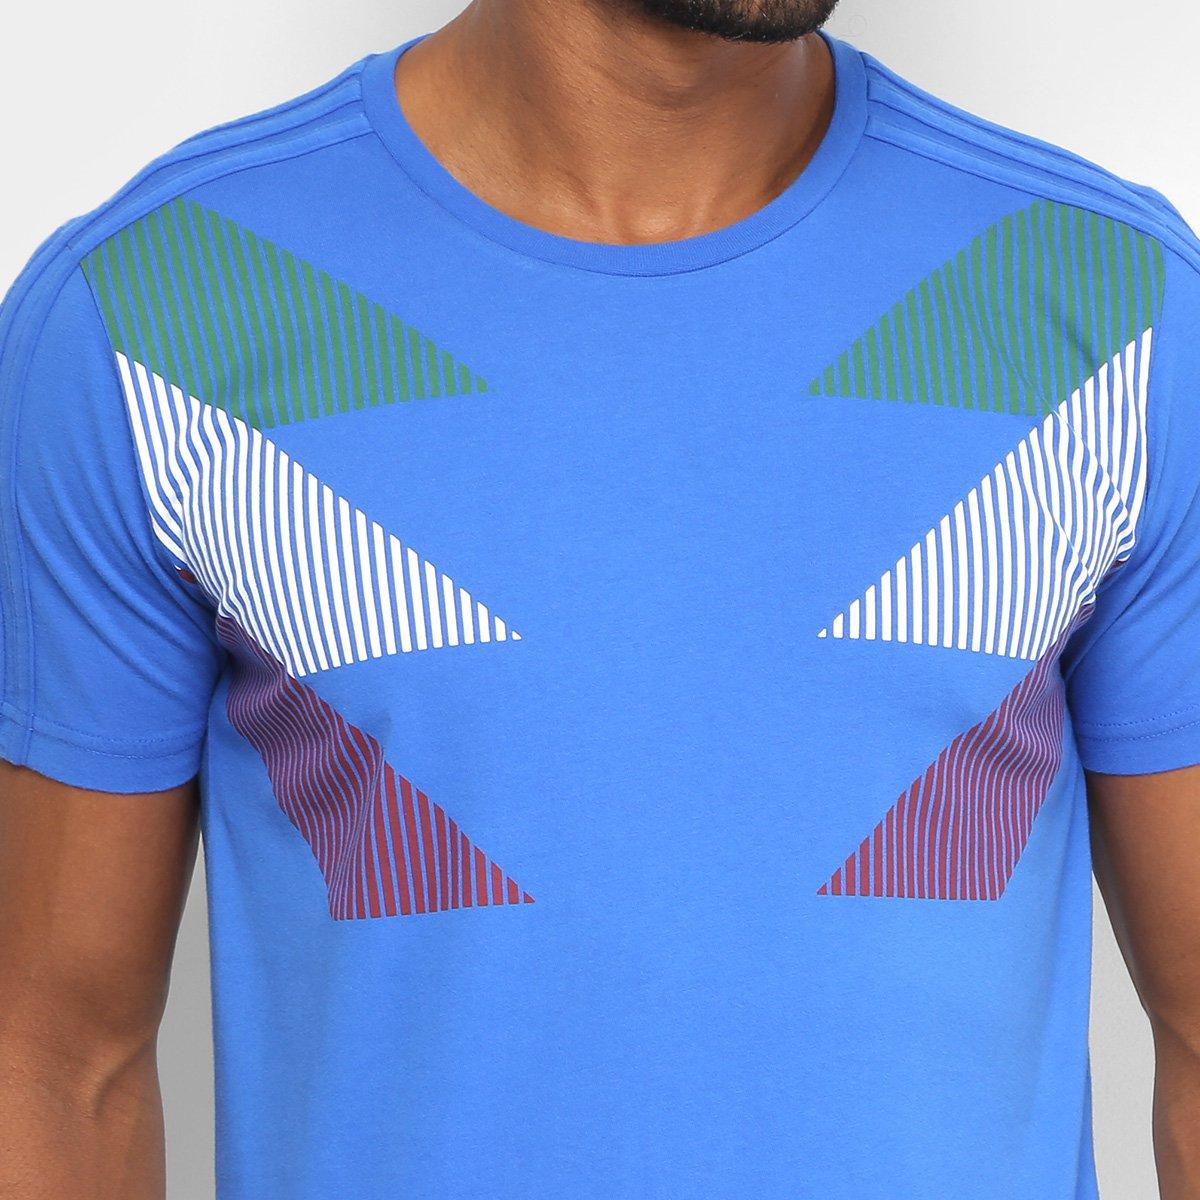 Camiseta Seleção Itália CI Adidas Masculina - Azul - Compre Agora ... a2204ef059536